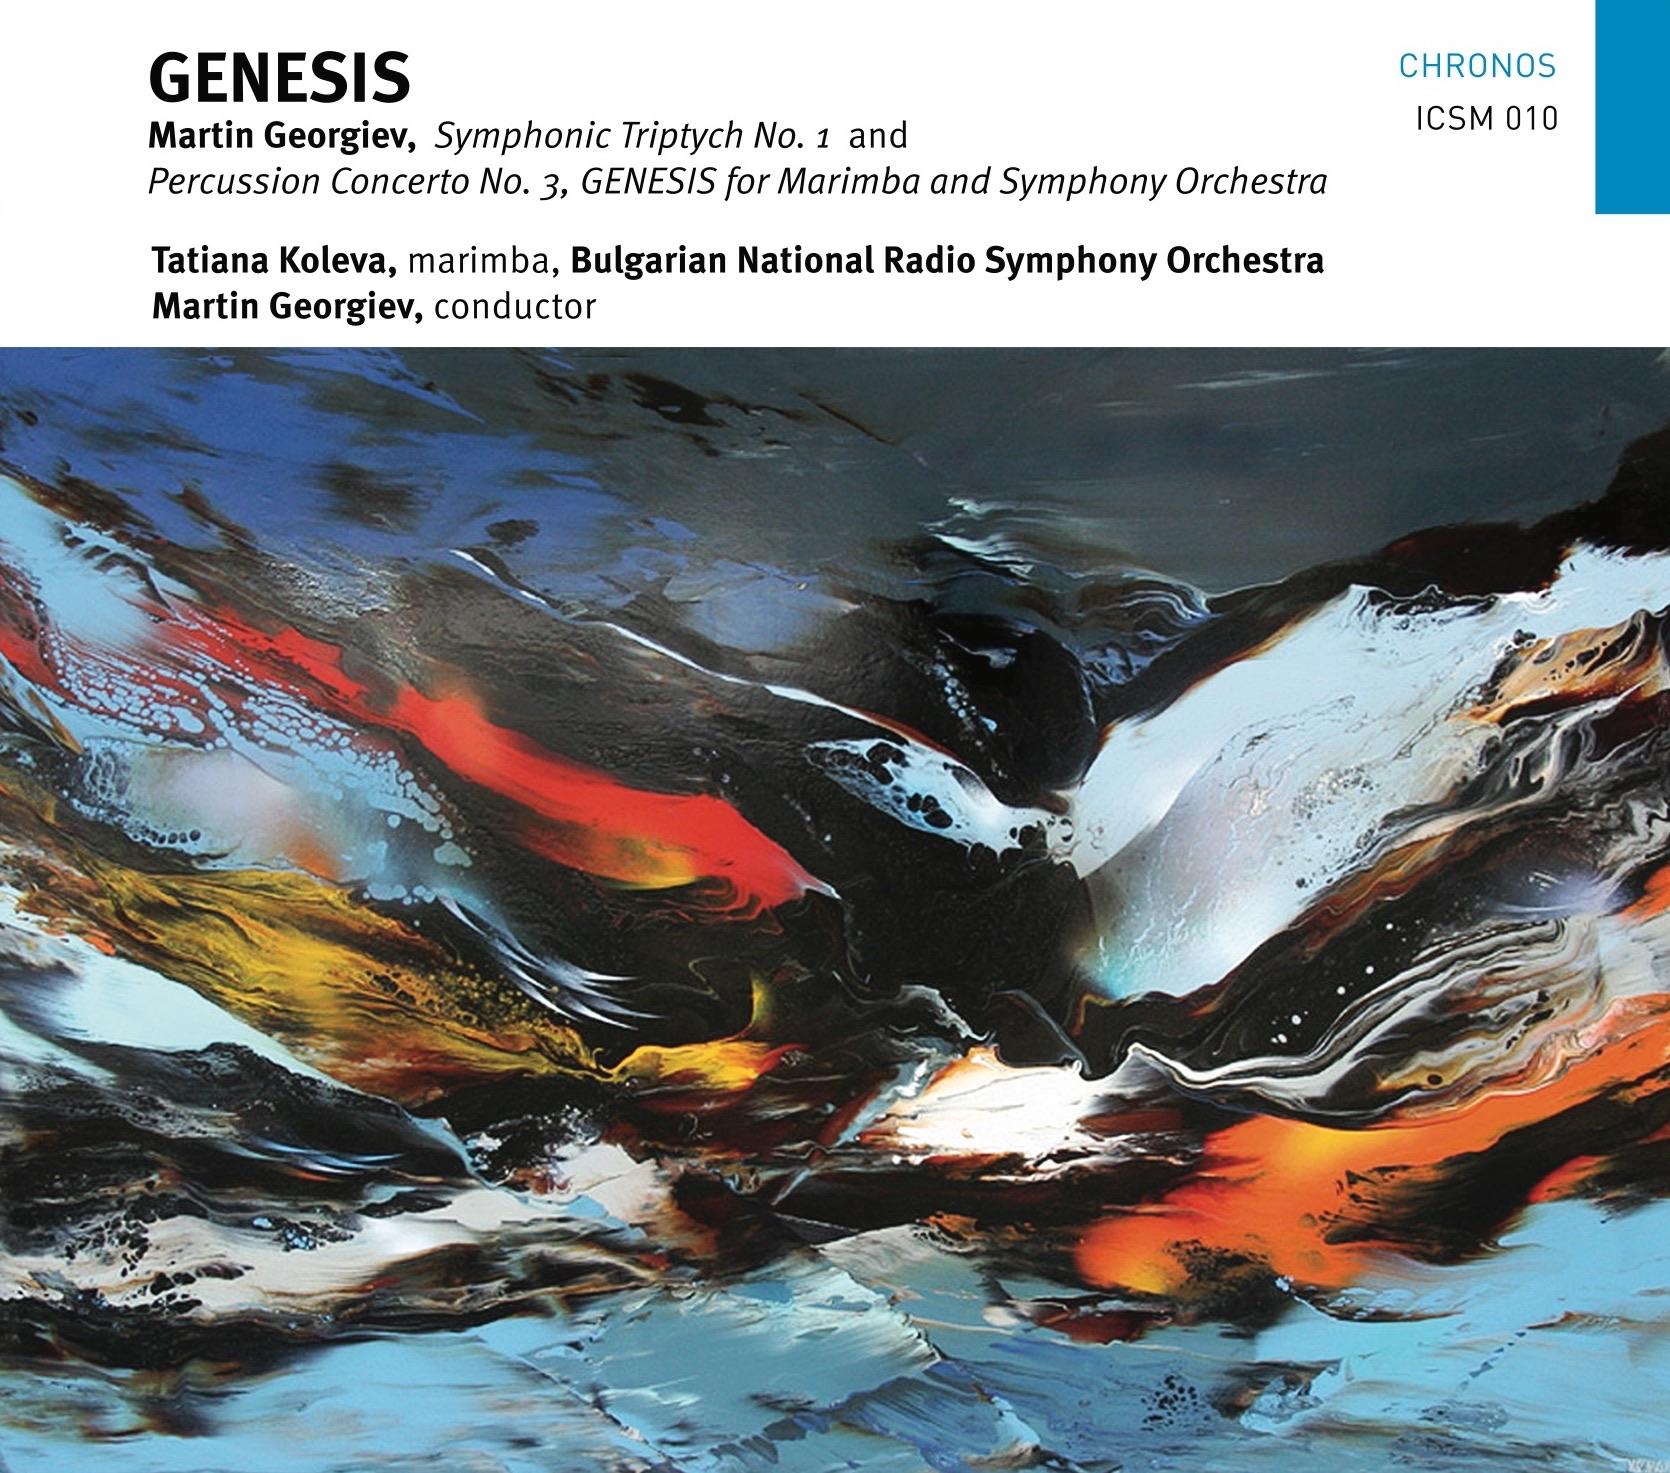 Genesis, Martin Georgiev